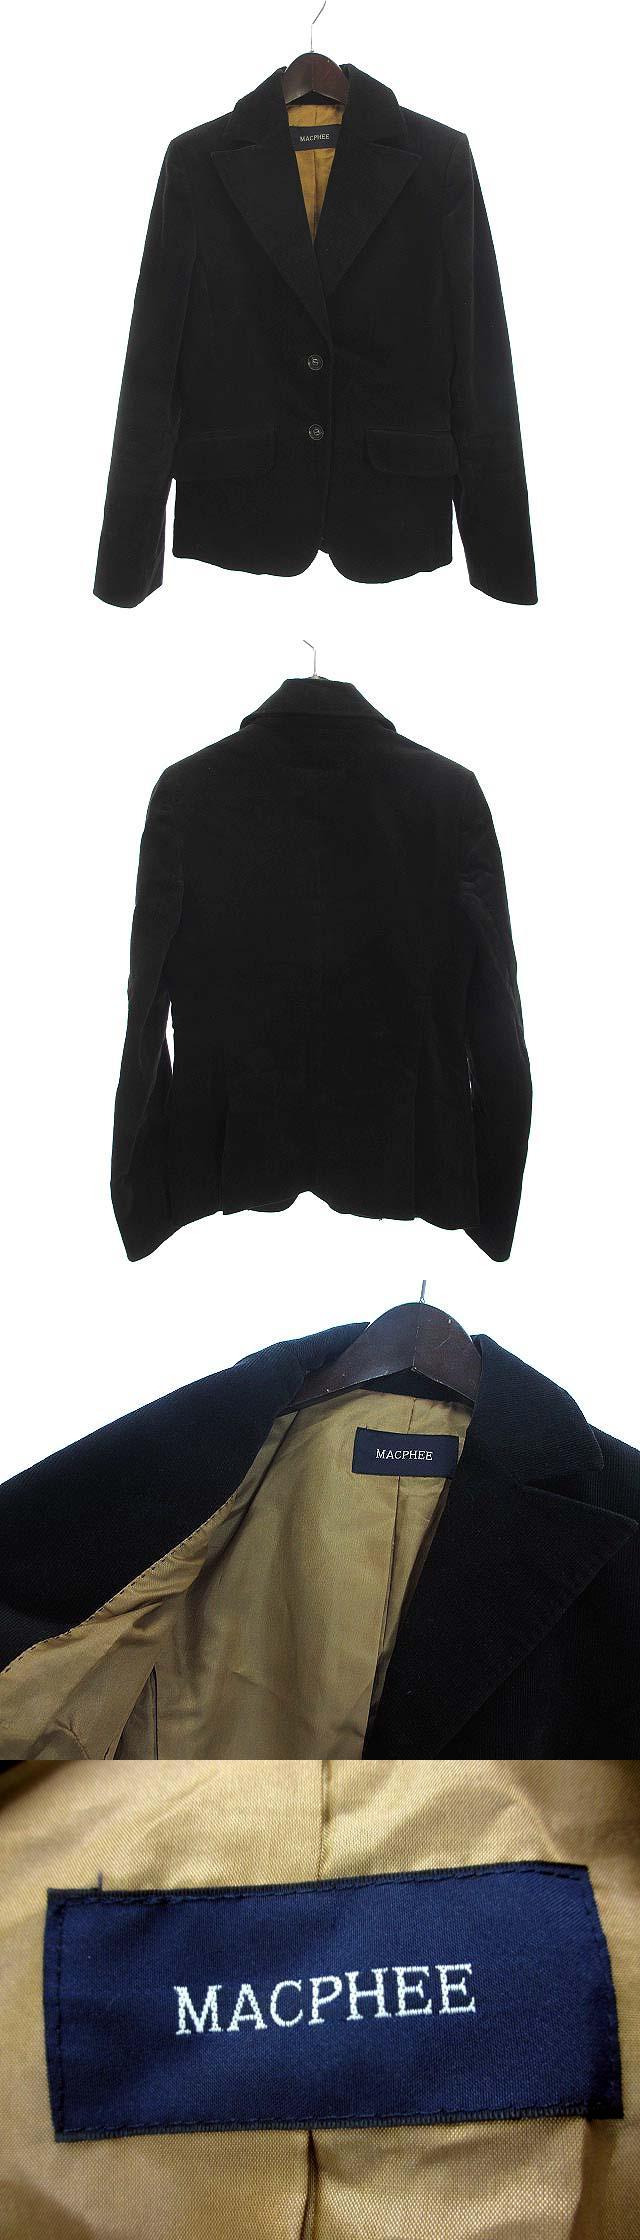 テーラード ジャケット 黒 ブラック コットン 2B コーデュロイ 無地 シンプル Ω